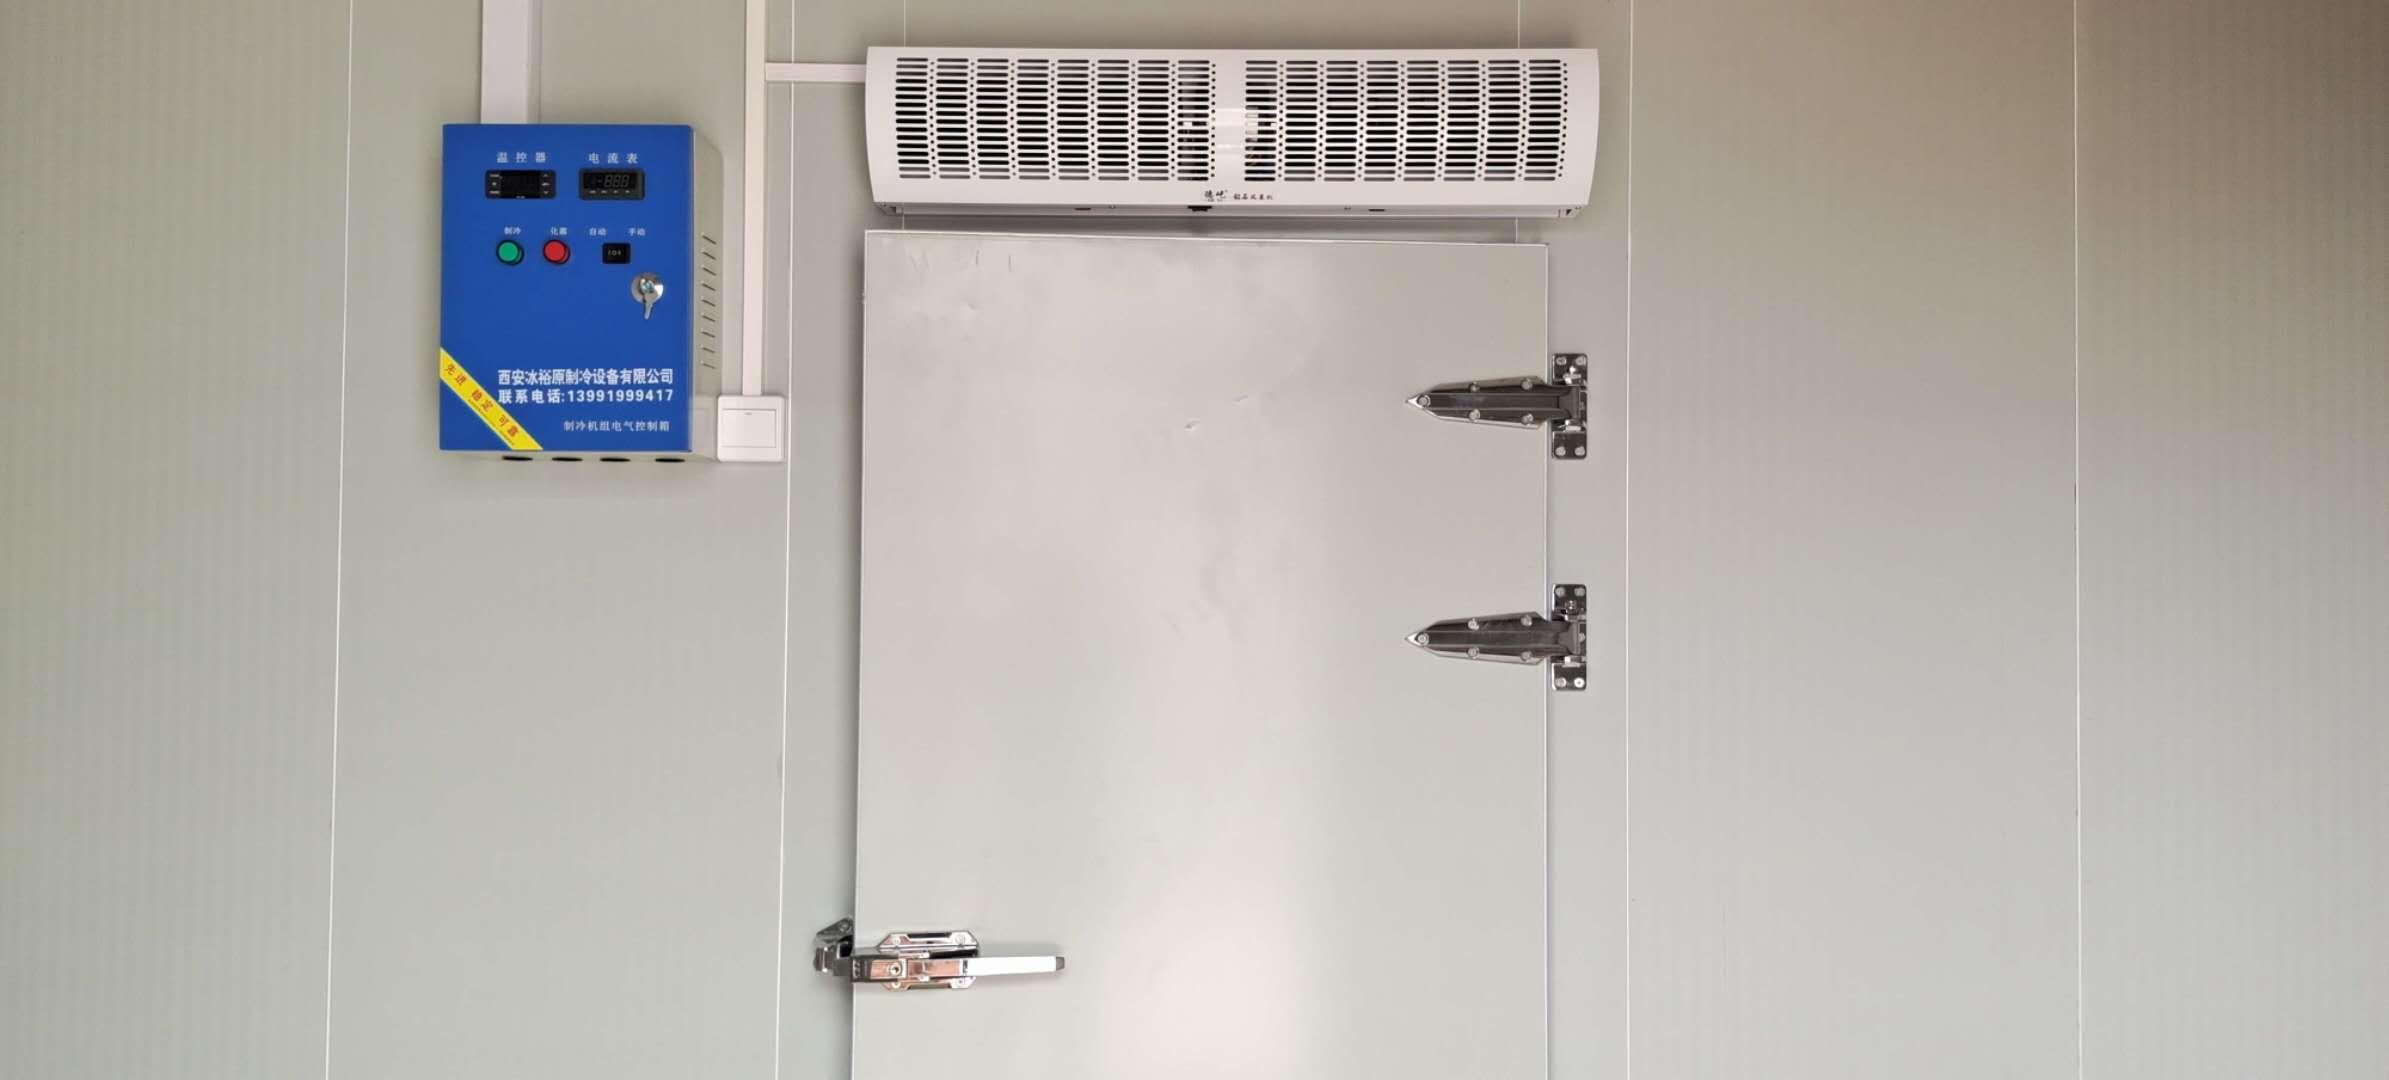 保鲜冷库在挑选和安装时都有哪些诀窍?